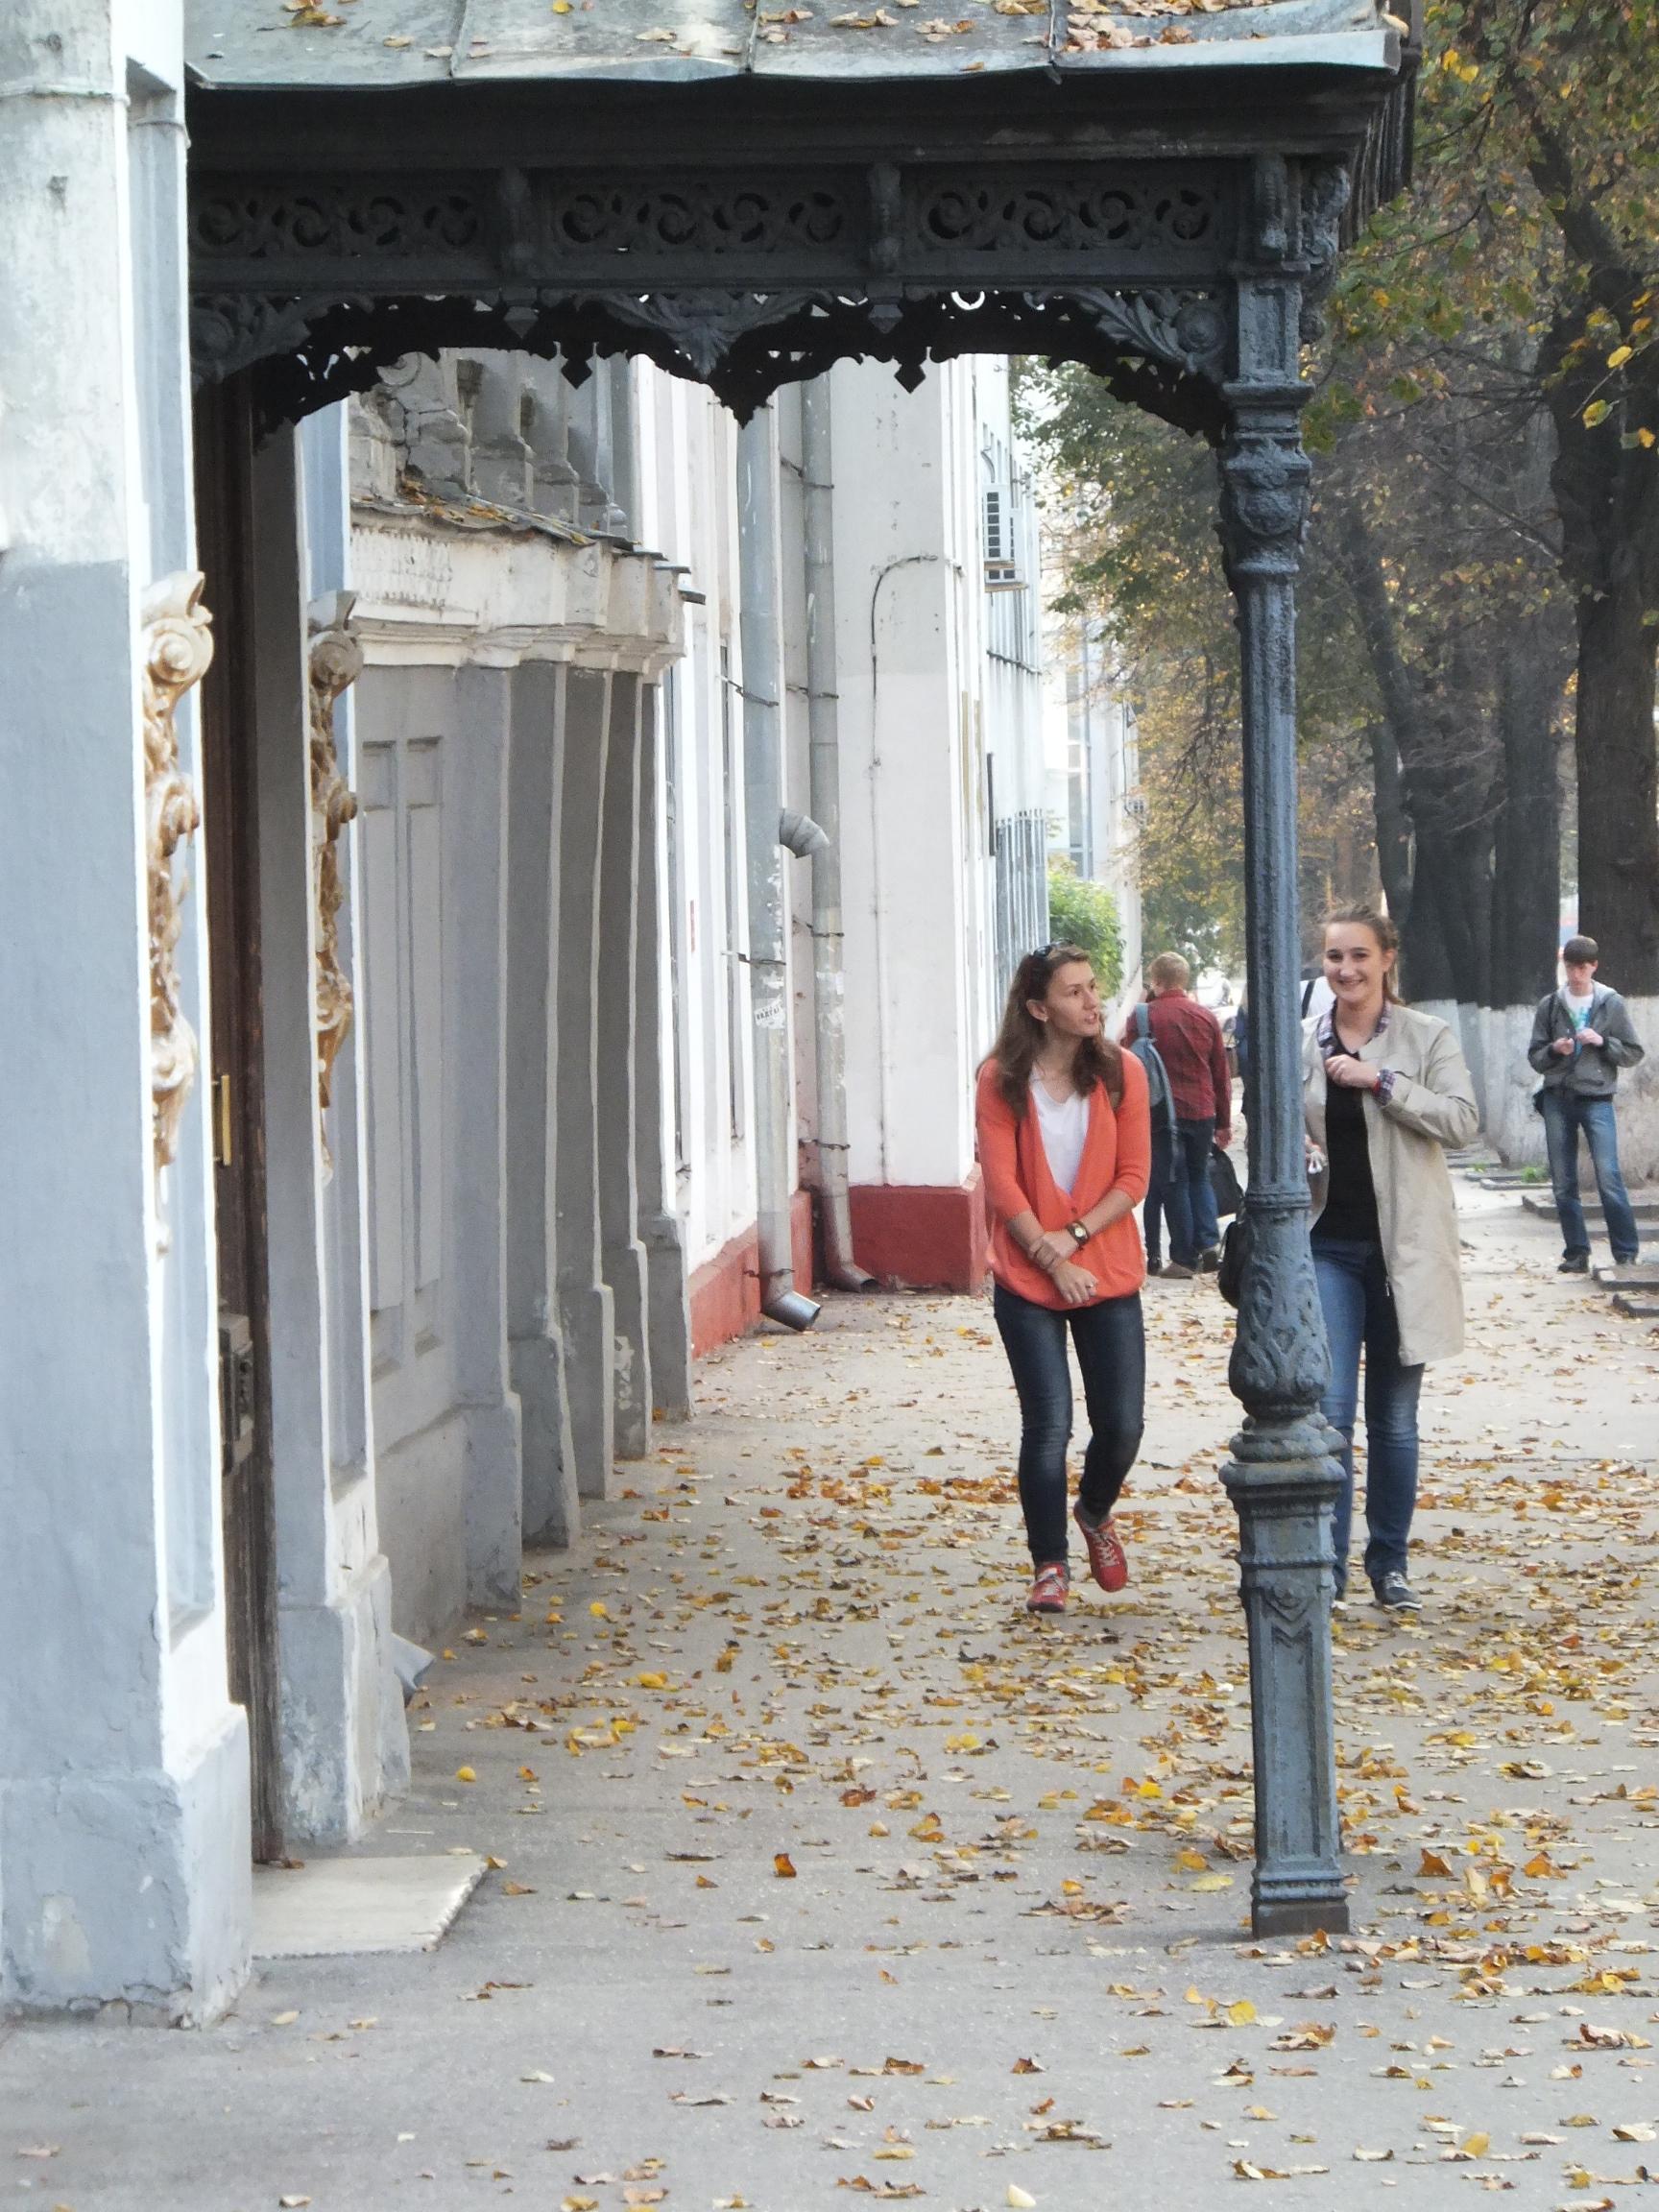 Nizhny_2_Studentinnen_morgens